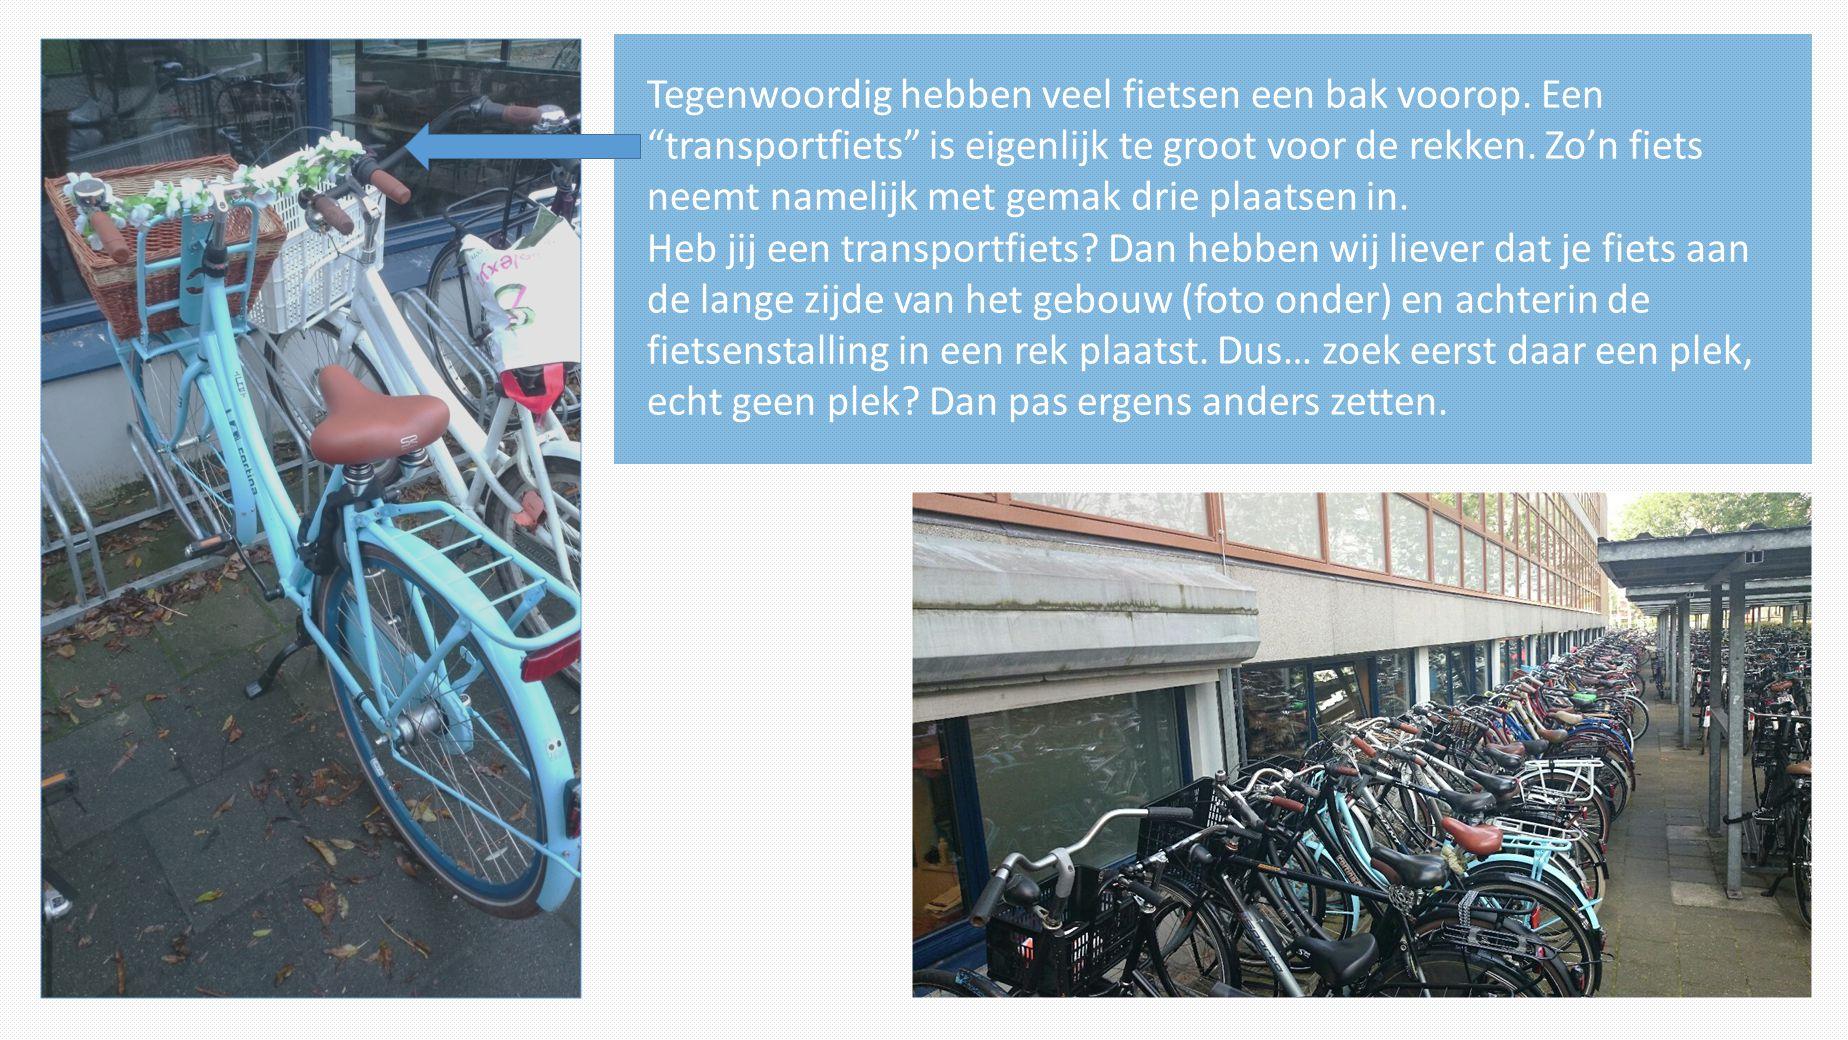 """Tegenwoordig hebben veel fietsen een bak voorop. Een """"transportfiets"""" is eigenlijk te groot voor de rekken. Zo'n fiets neemt namelijk met gemak drie p"""